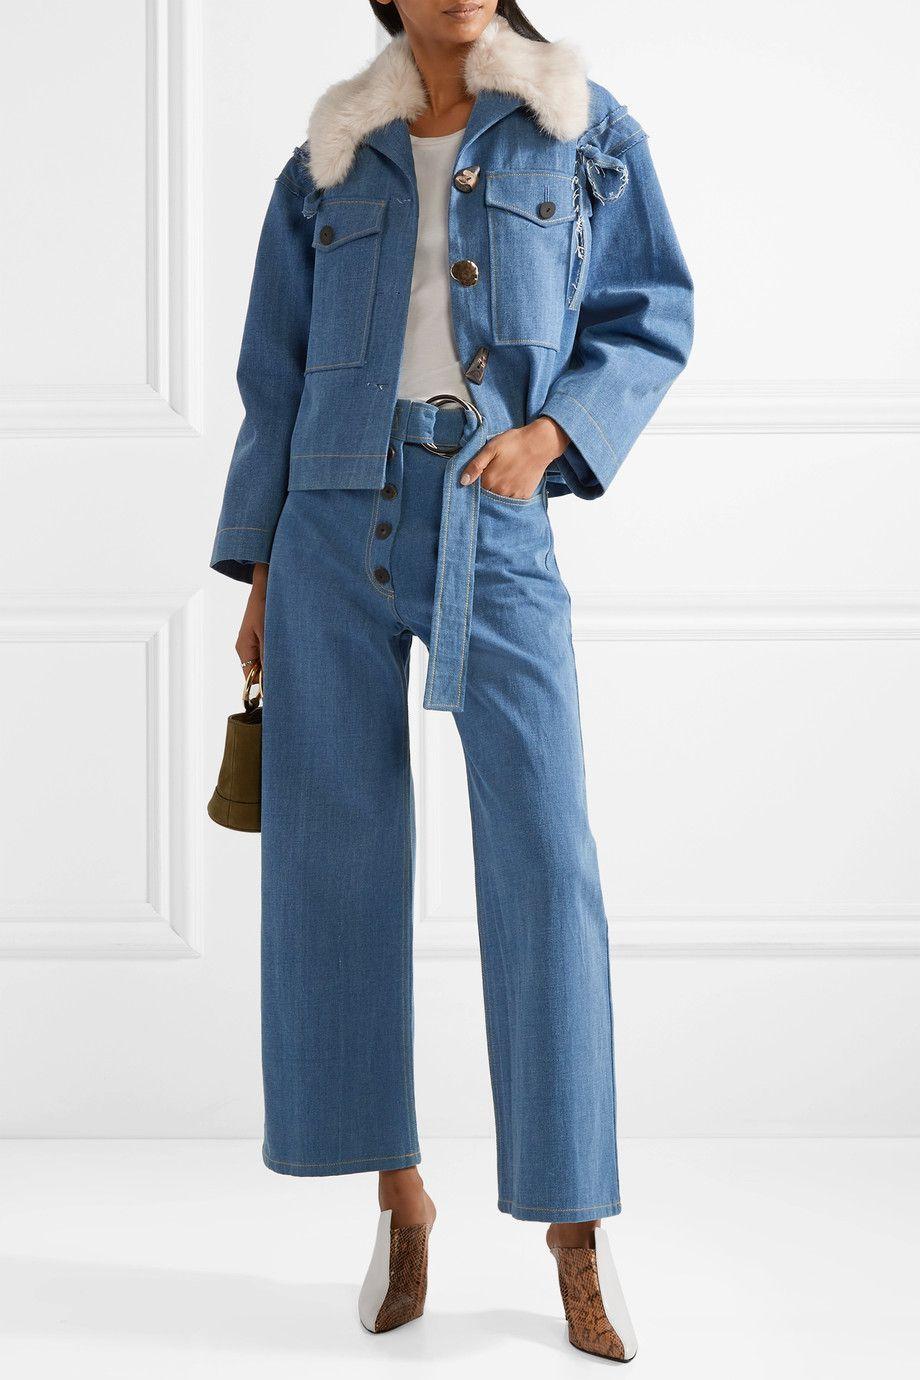 Rejina Pyo Faux Fur-Trimmed Denim Jacket